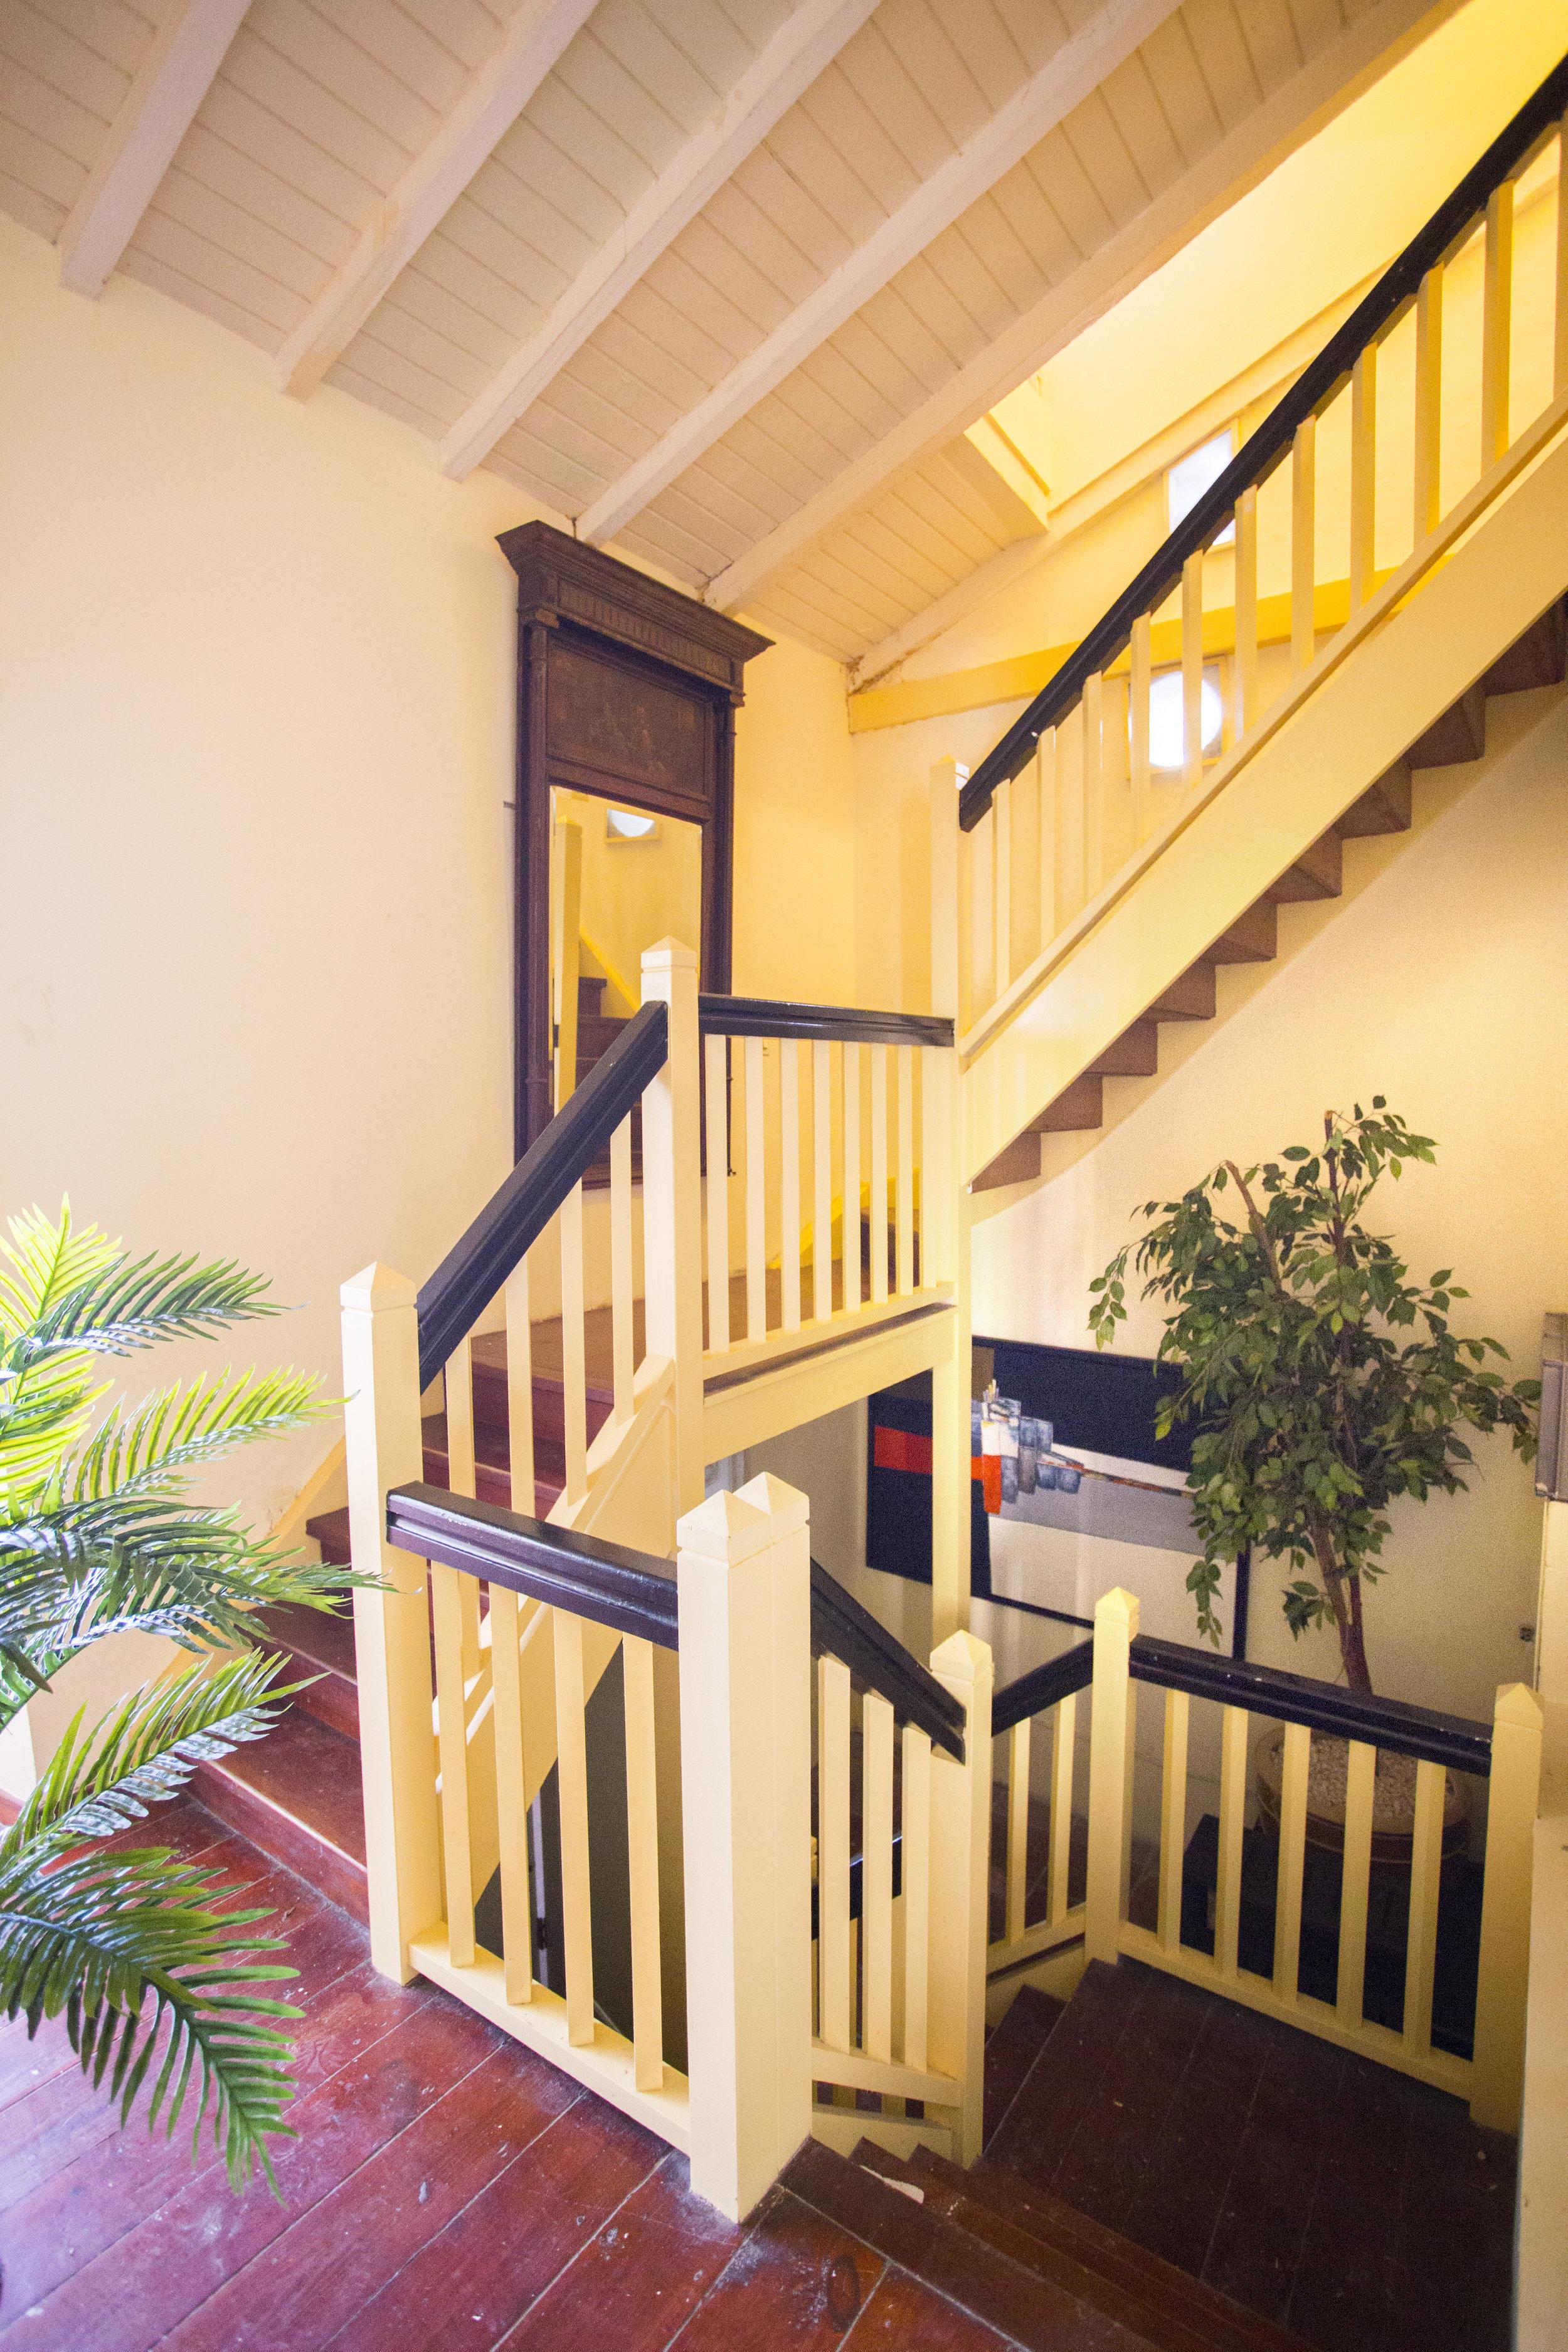 StageDesk-Curaçao-Dolfijn-BergAltena-Pelikaan-huis04.jpg